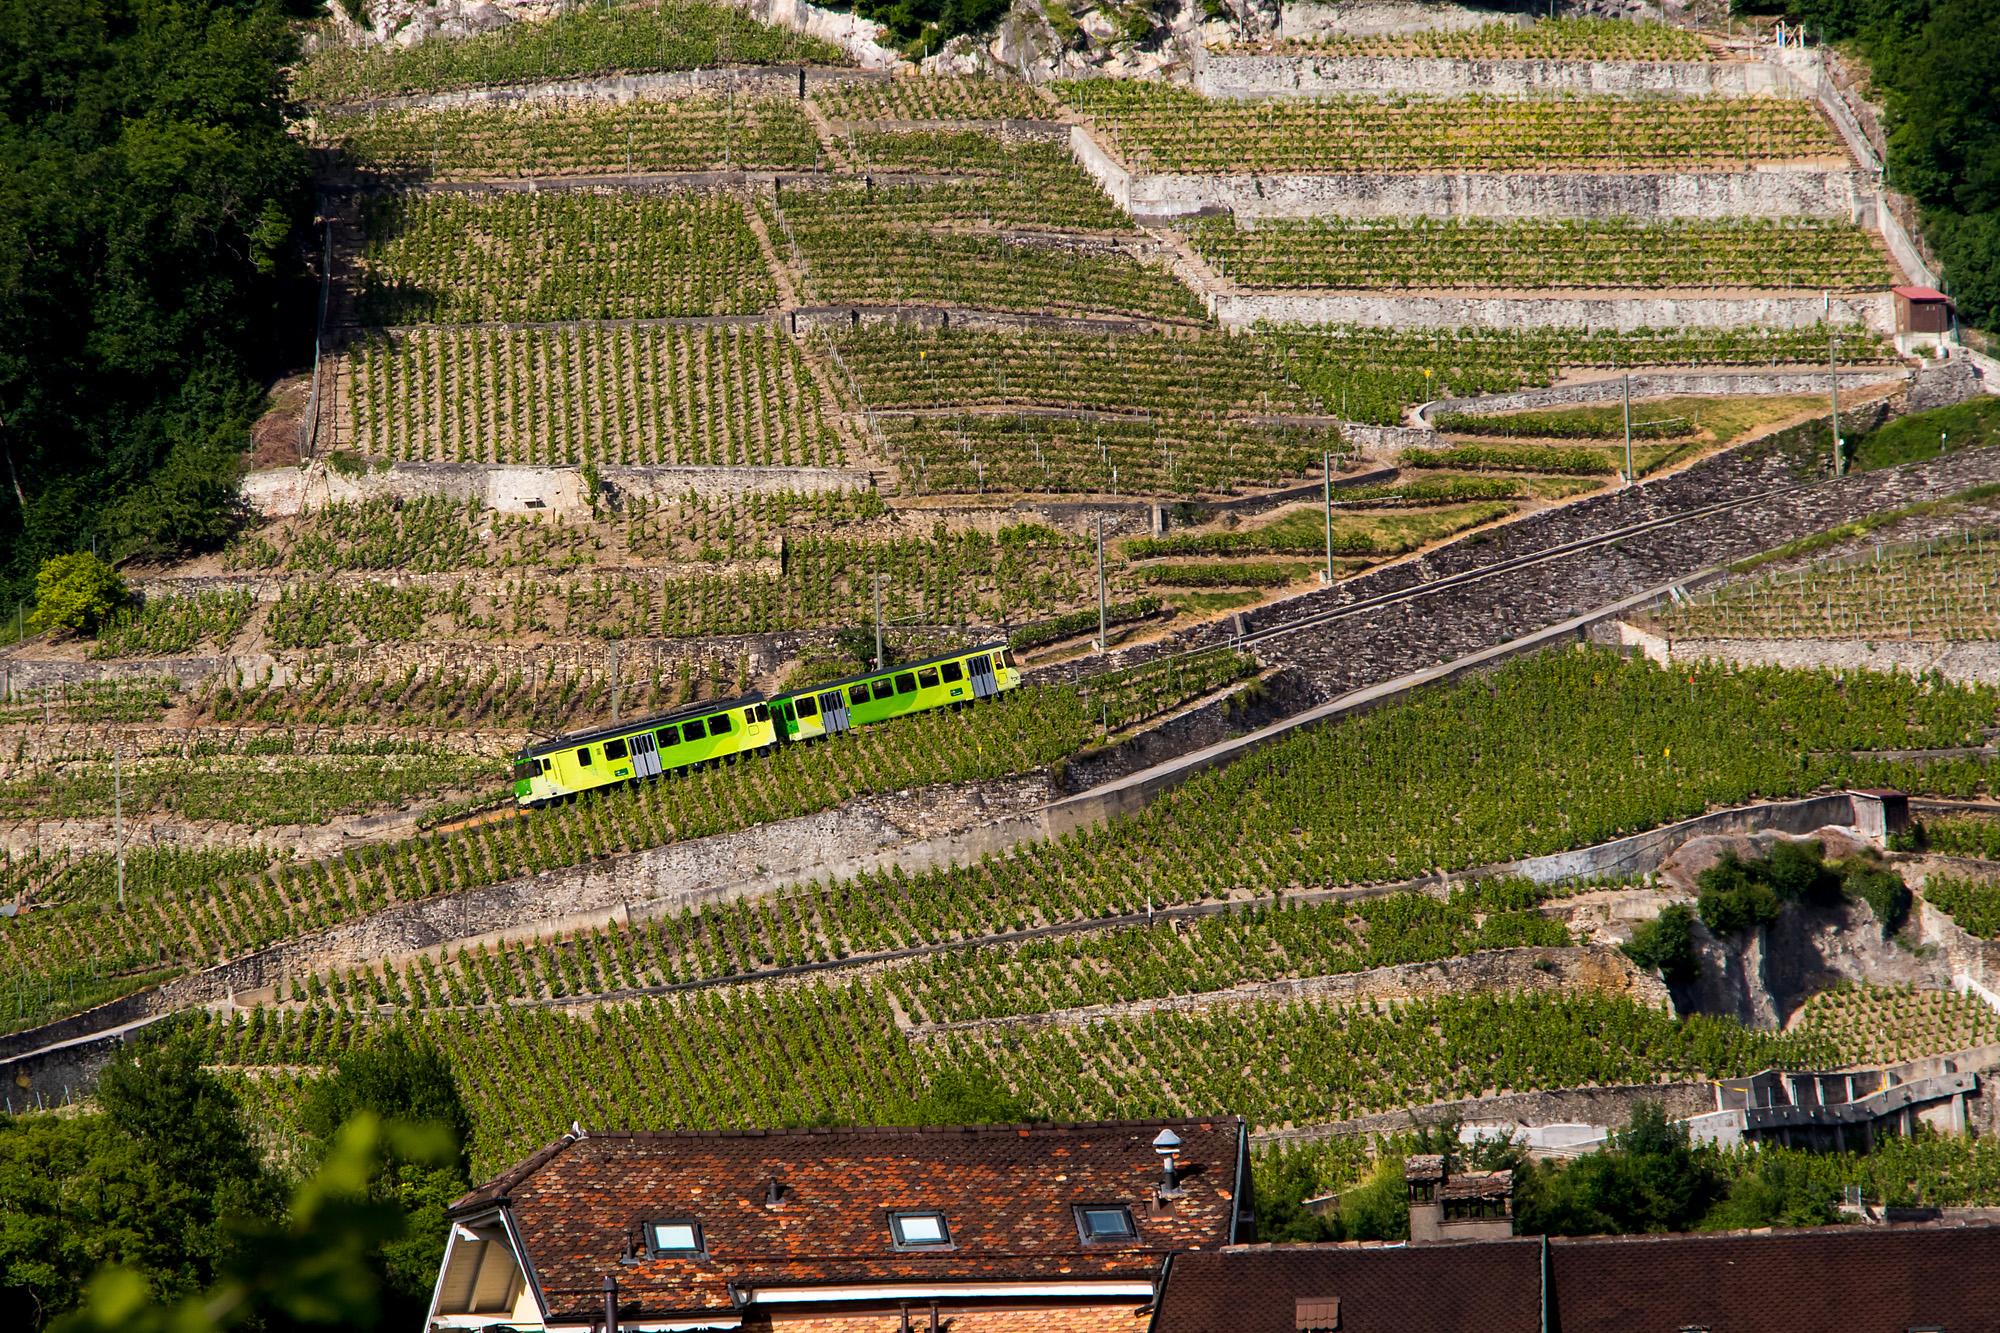 Die Zahnradbahn Aigle - Leysin müht sich sehenswert die Weinberge empor